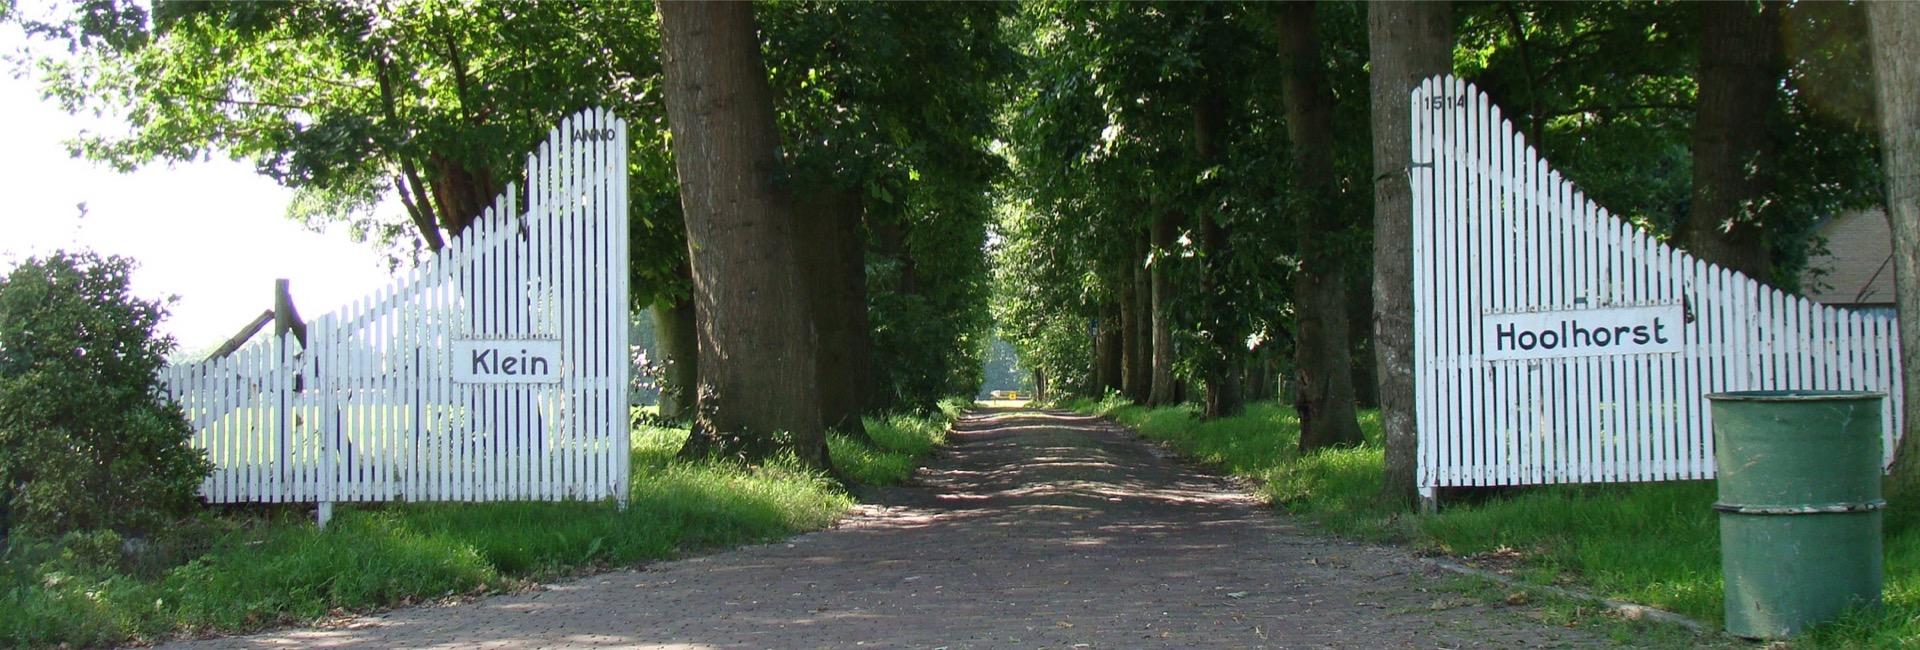 Klein Hoolhorst